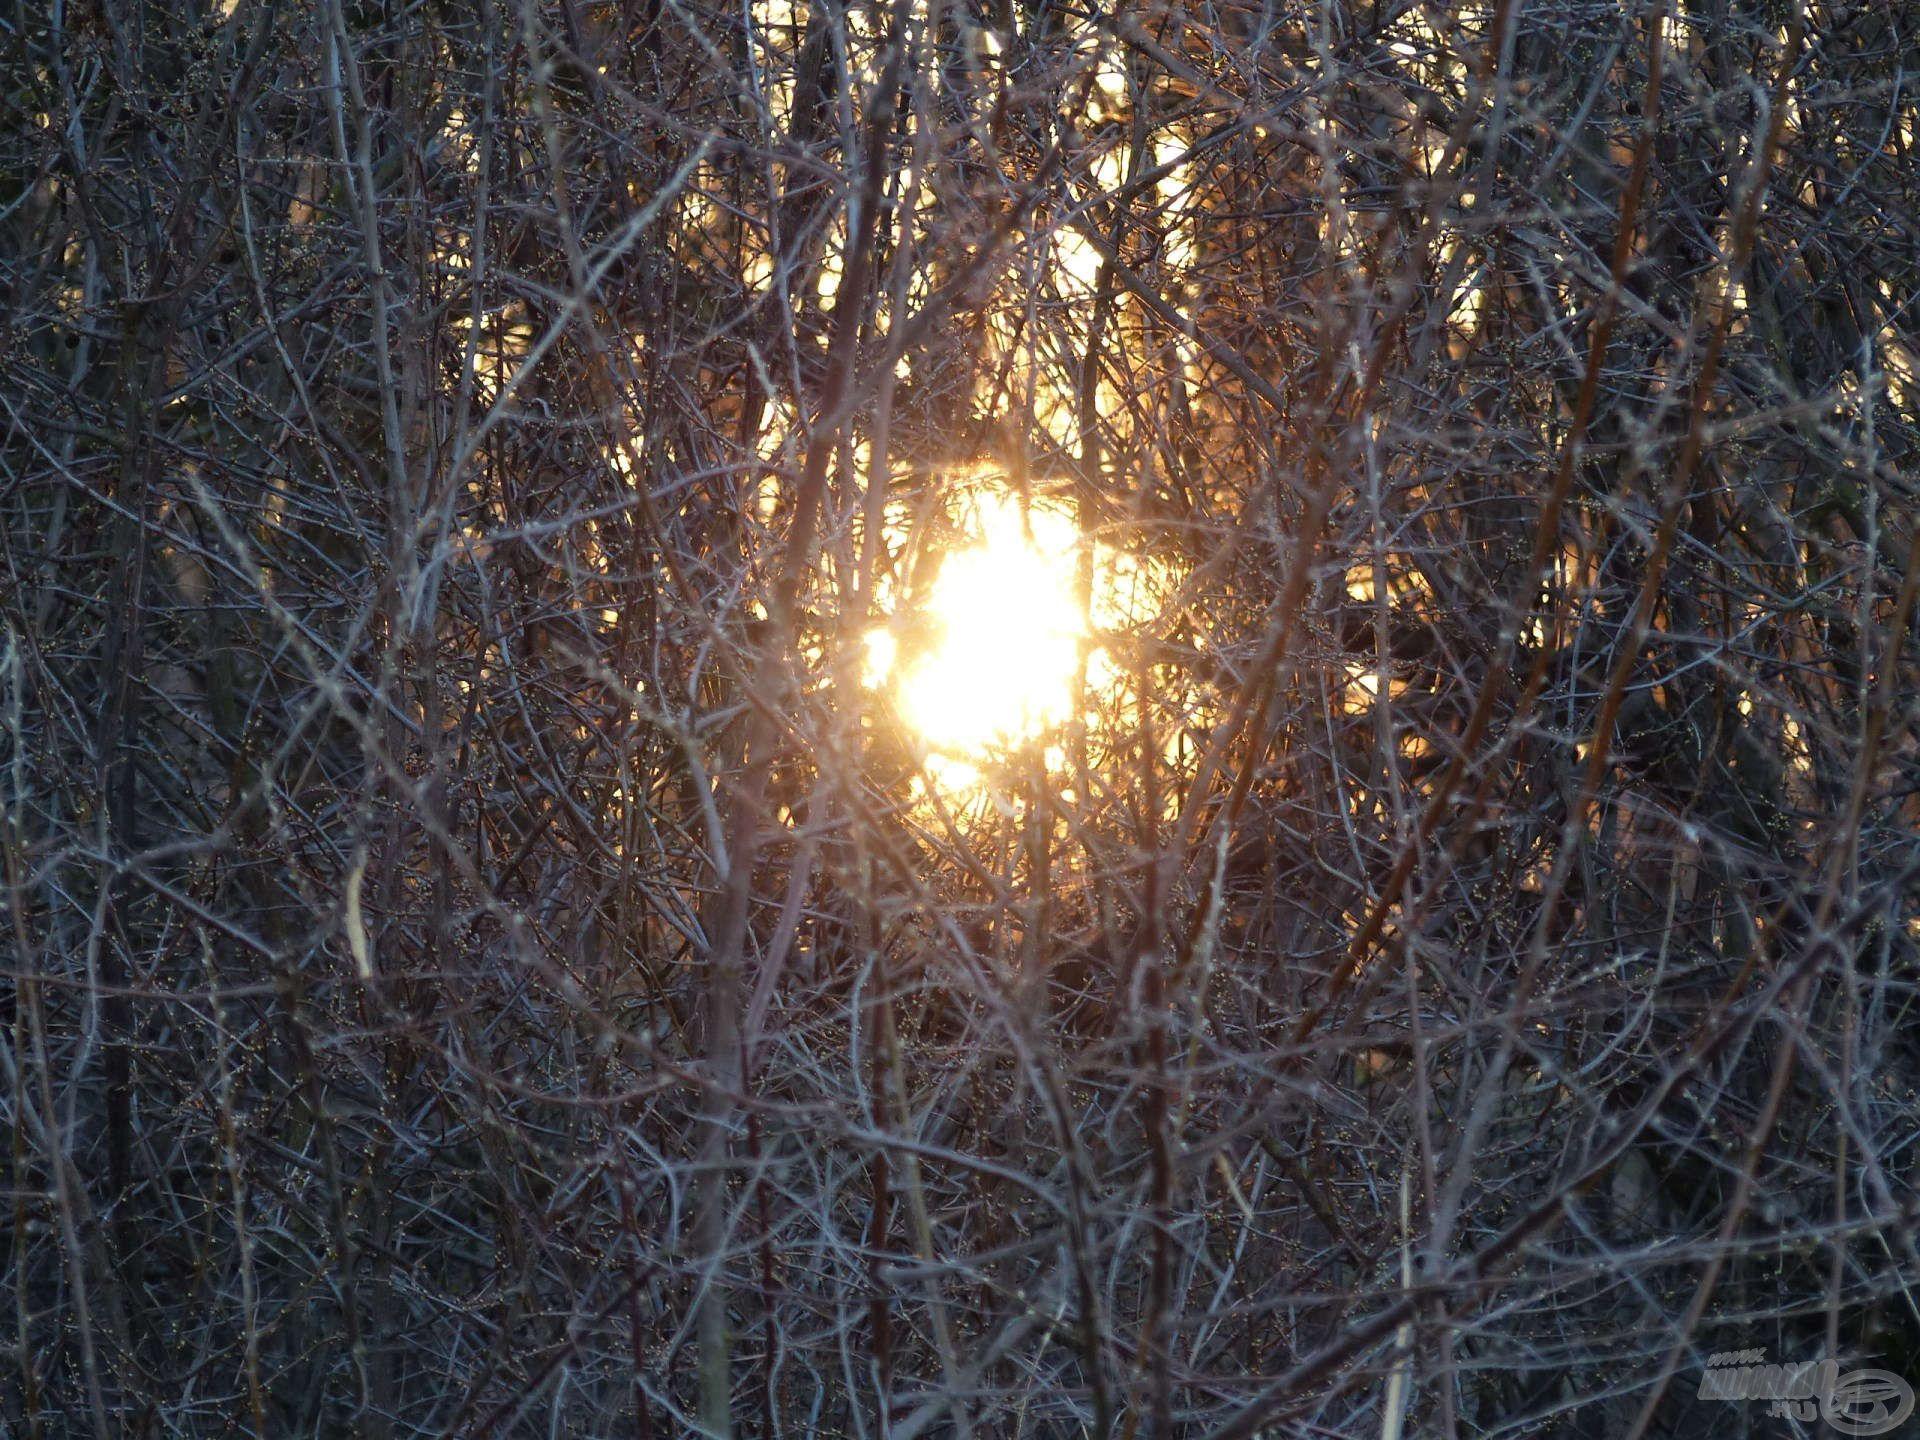 Már kora reggel a vízparton voltam, az első napsugarak beélesített feederbotjaimon csillantak meg